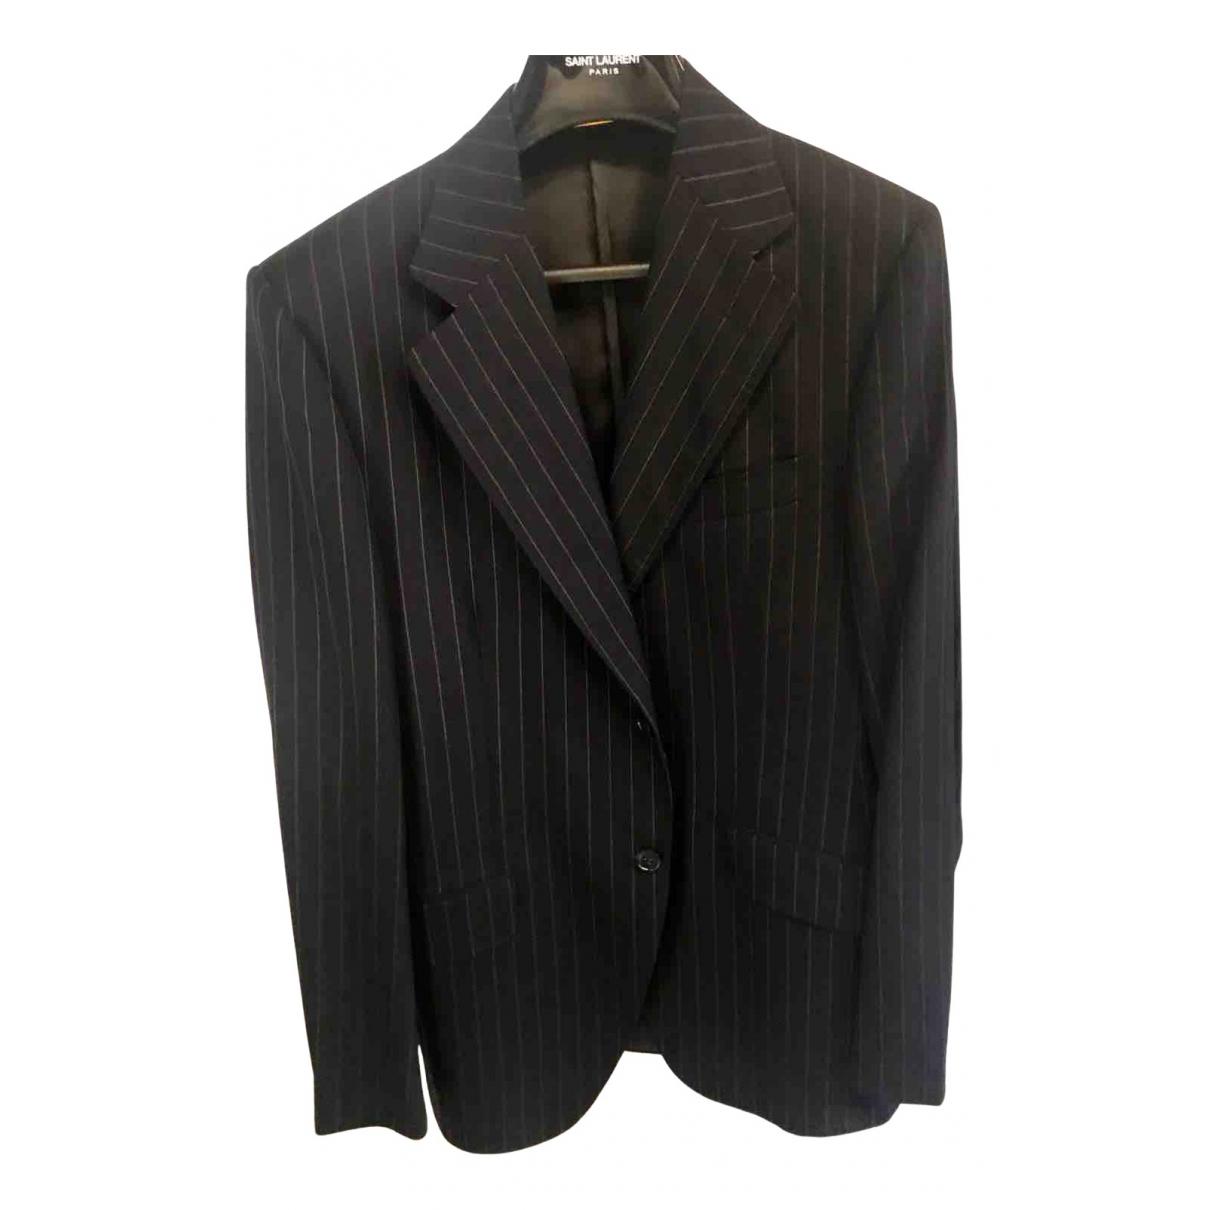 Dolce & Gabbana - Vestes.Blousons   pour homme en laine - marine